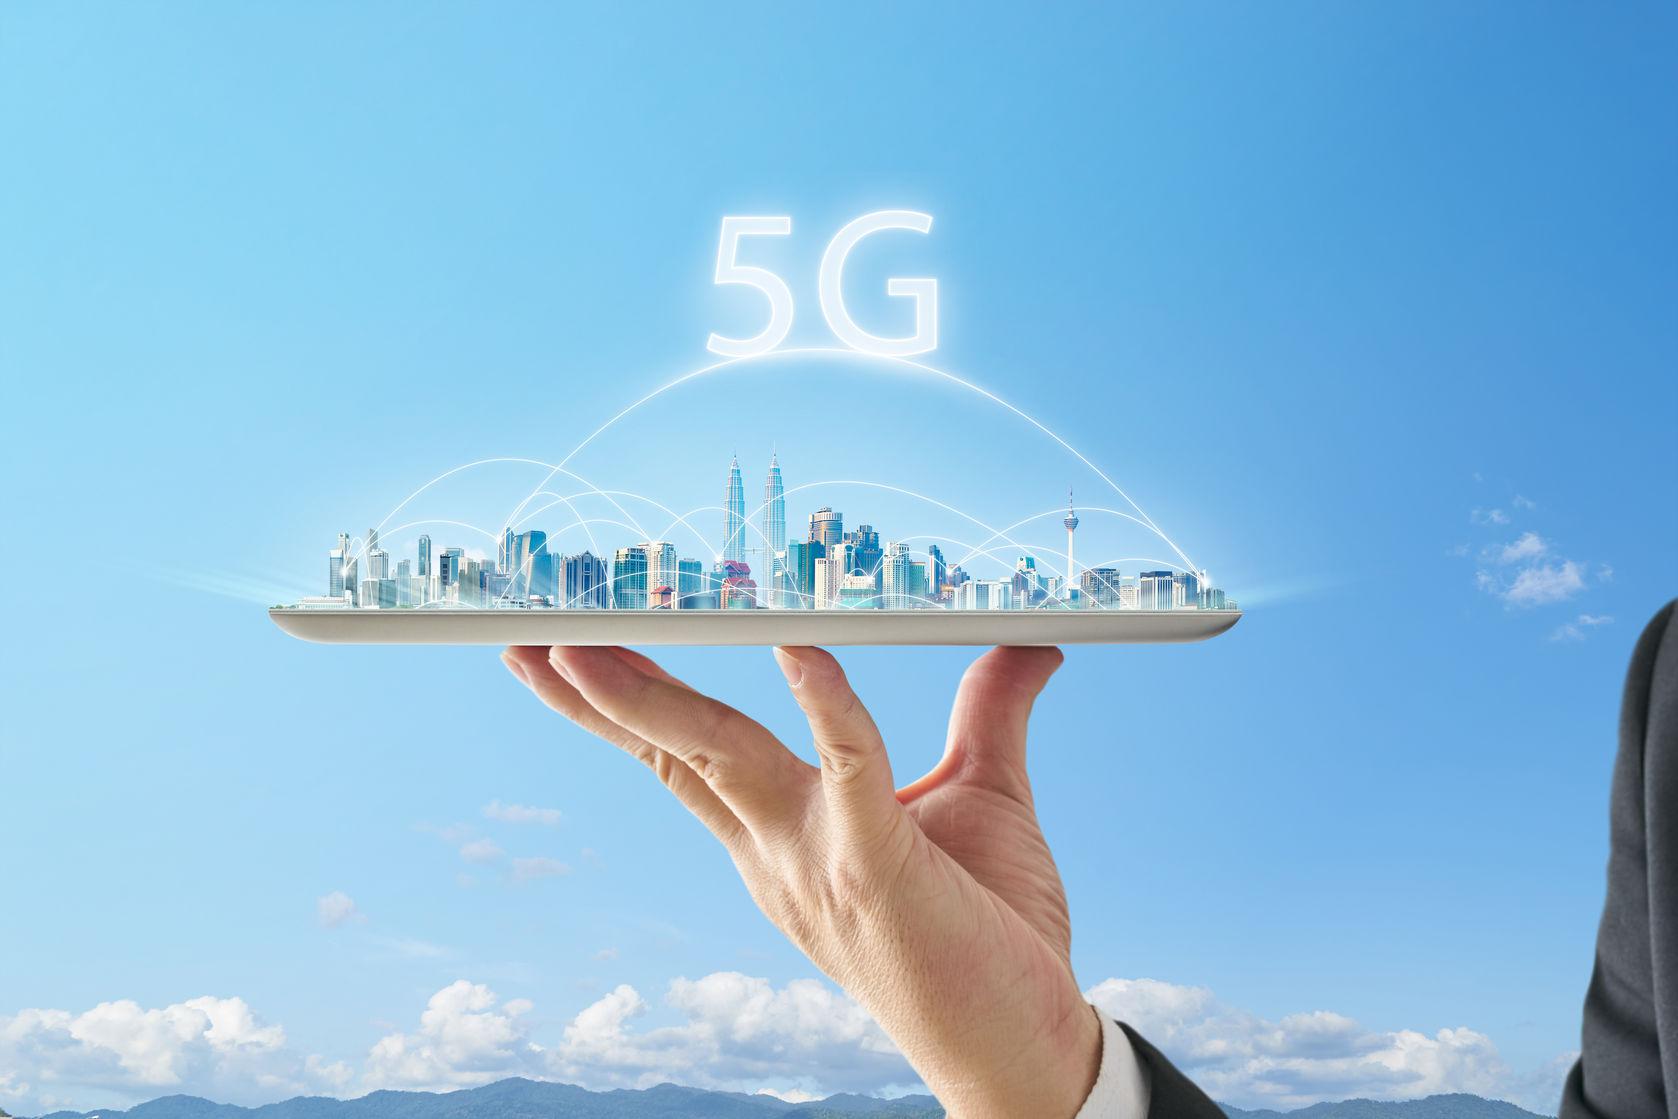 加大芯片投资 5G将成为中兴通讯核心发展方向